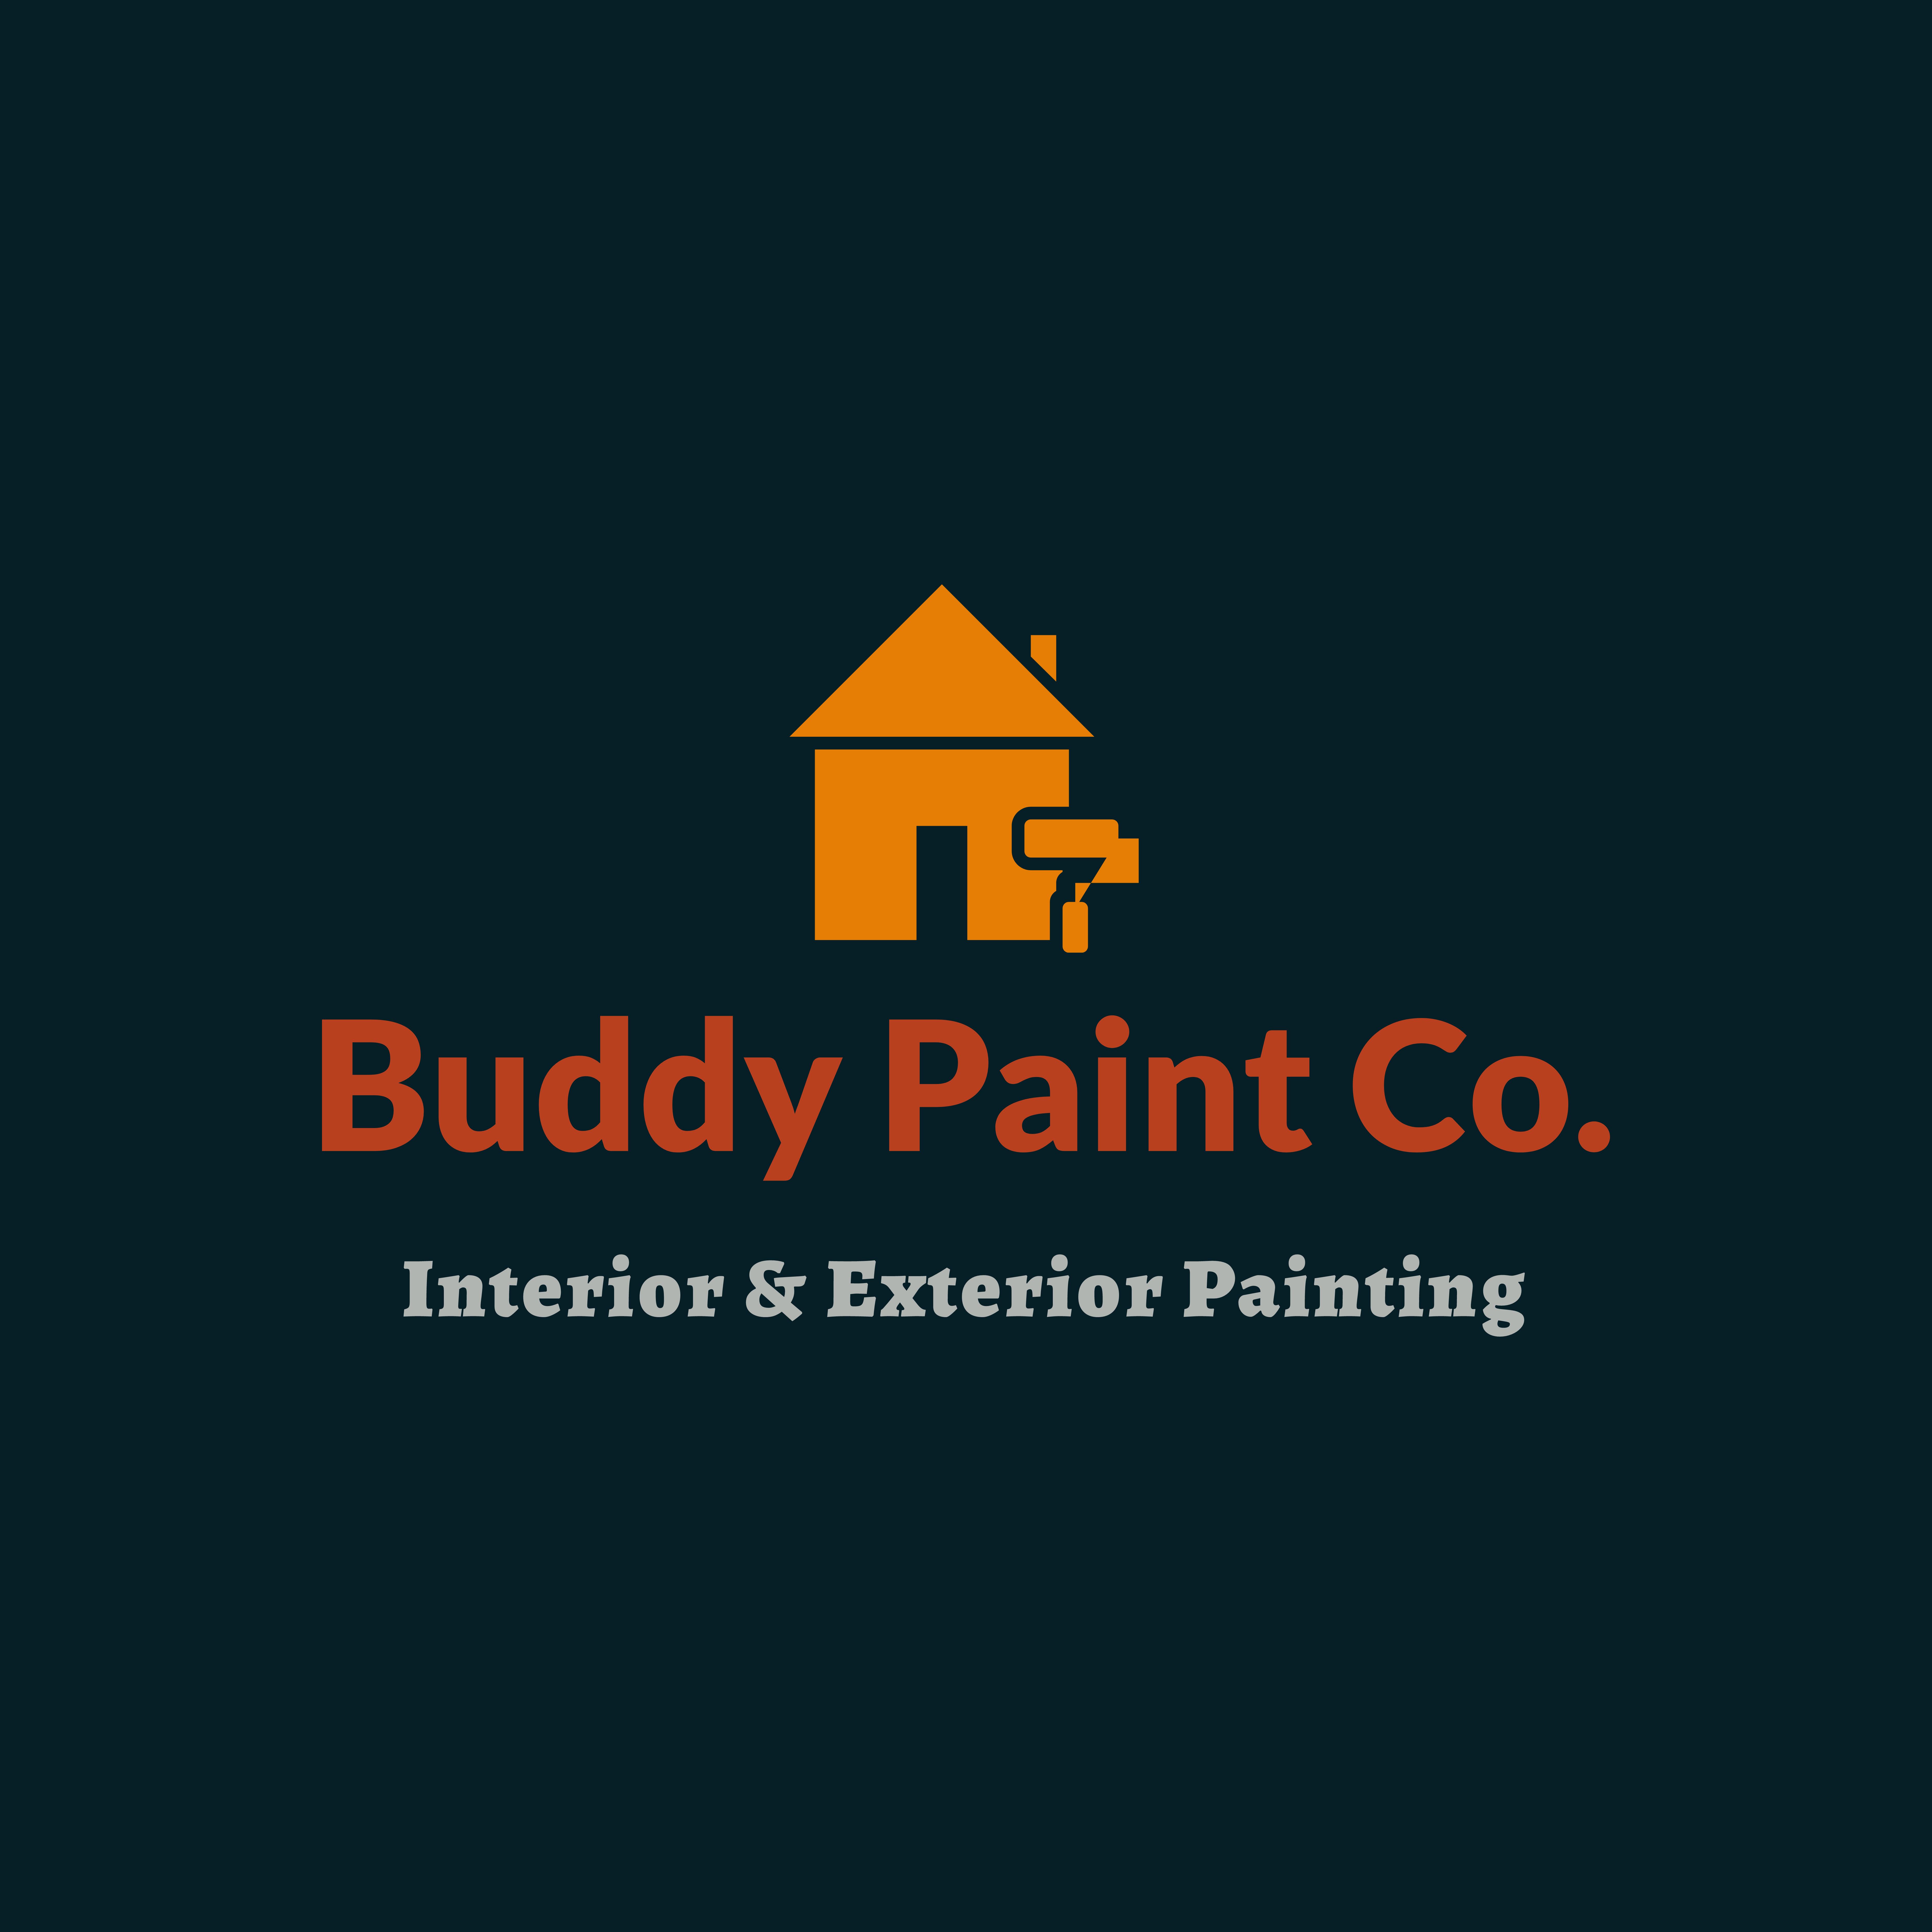 Buddy Paint